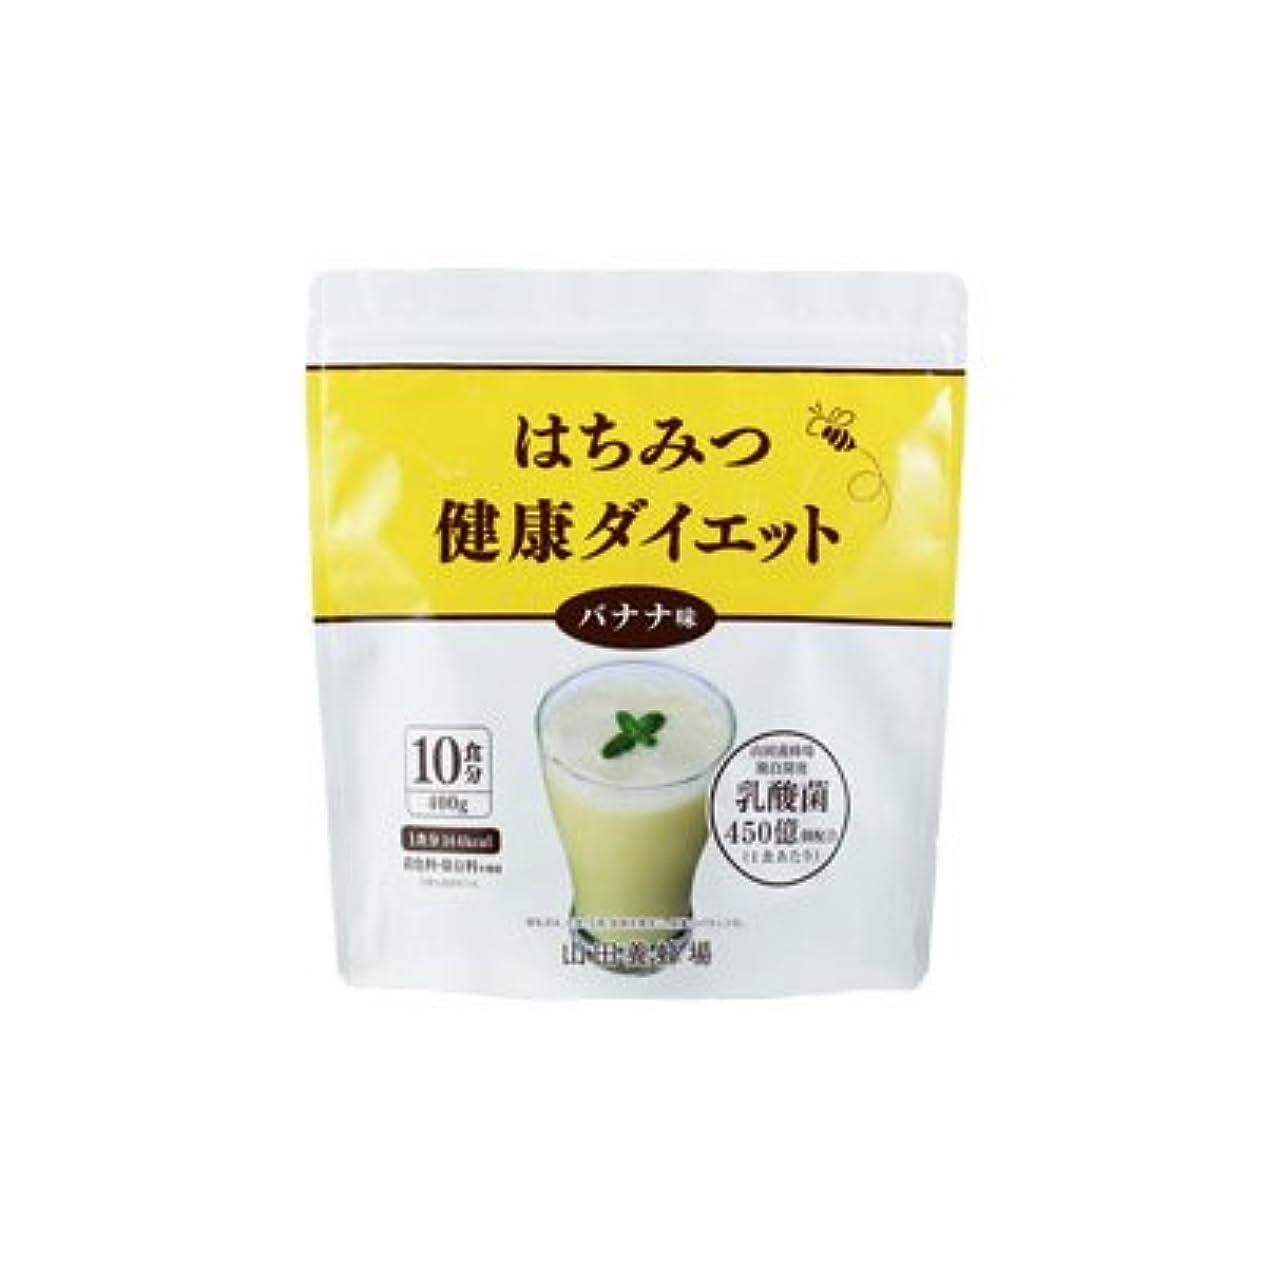 フラスコ連続的配送はちみつ健康ダイエット 【バナナ味】400g(10食分)